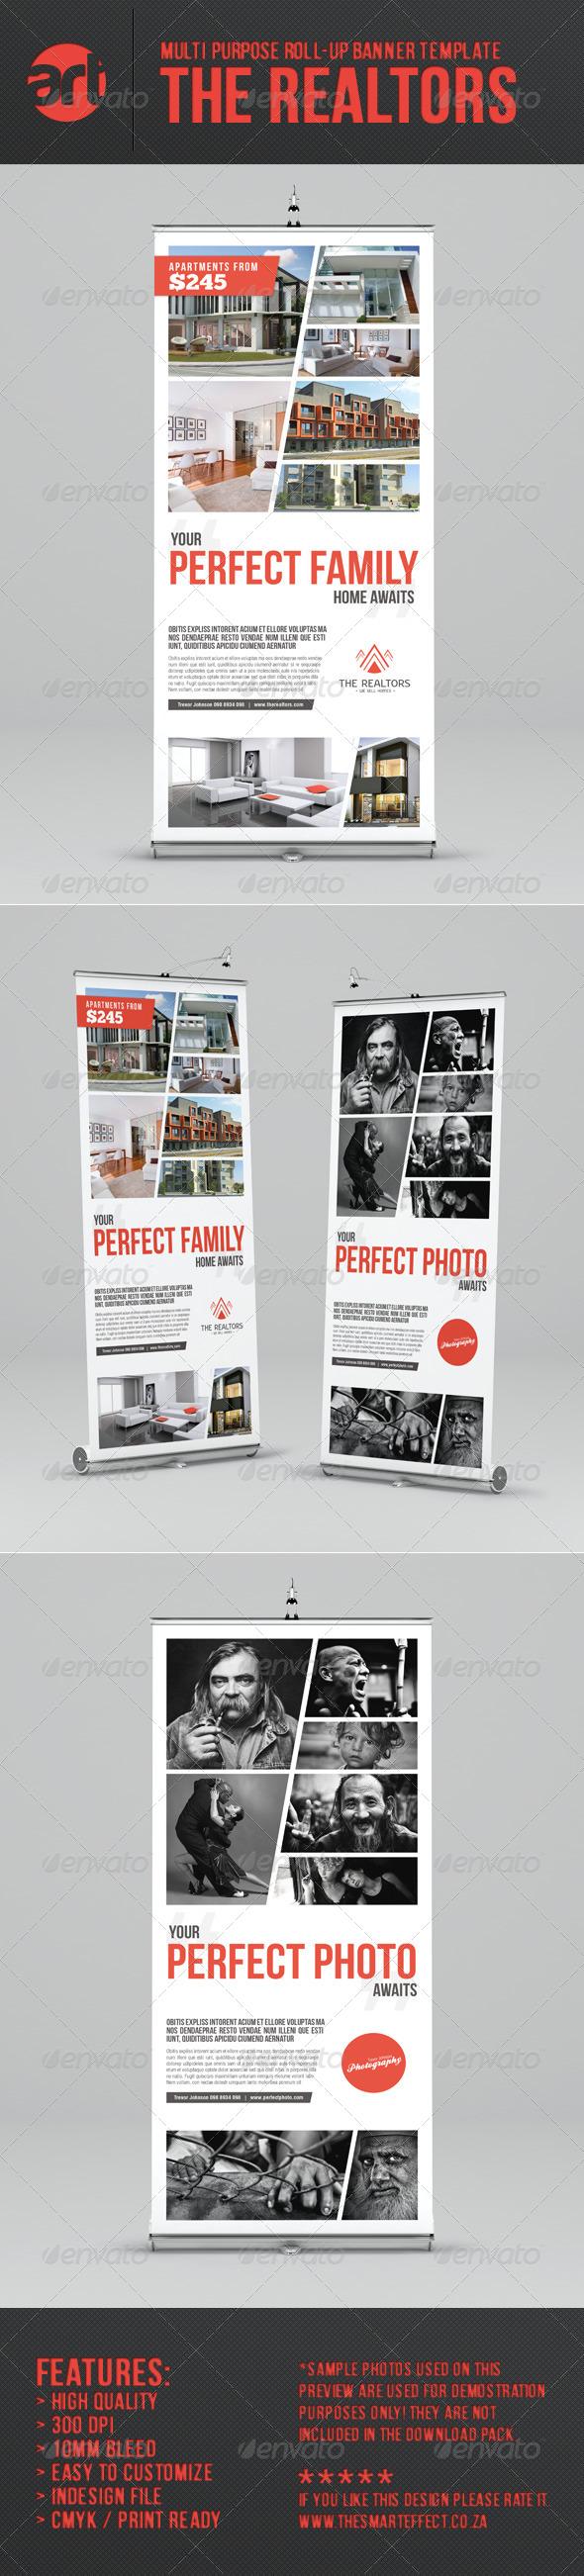 GraphicRiver The Realtors Multi-Purpose Roll-up Banner Template 6653447